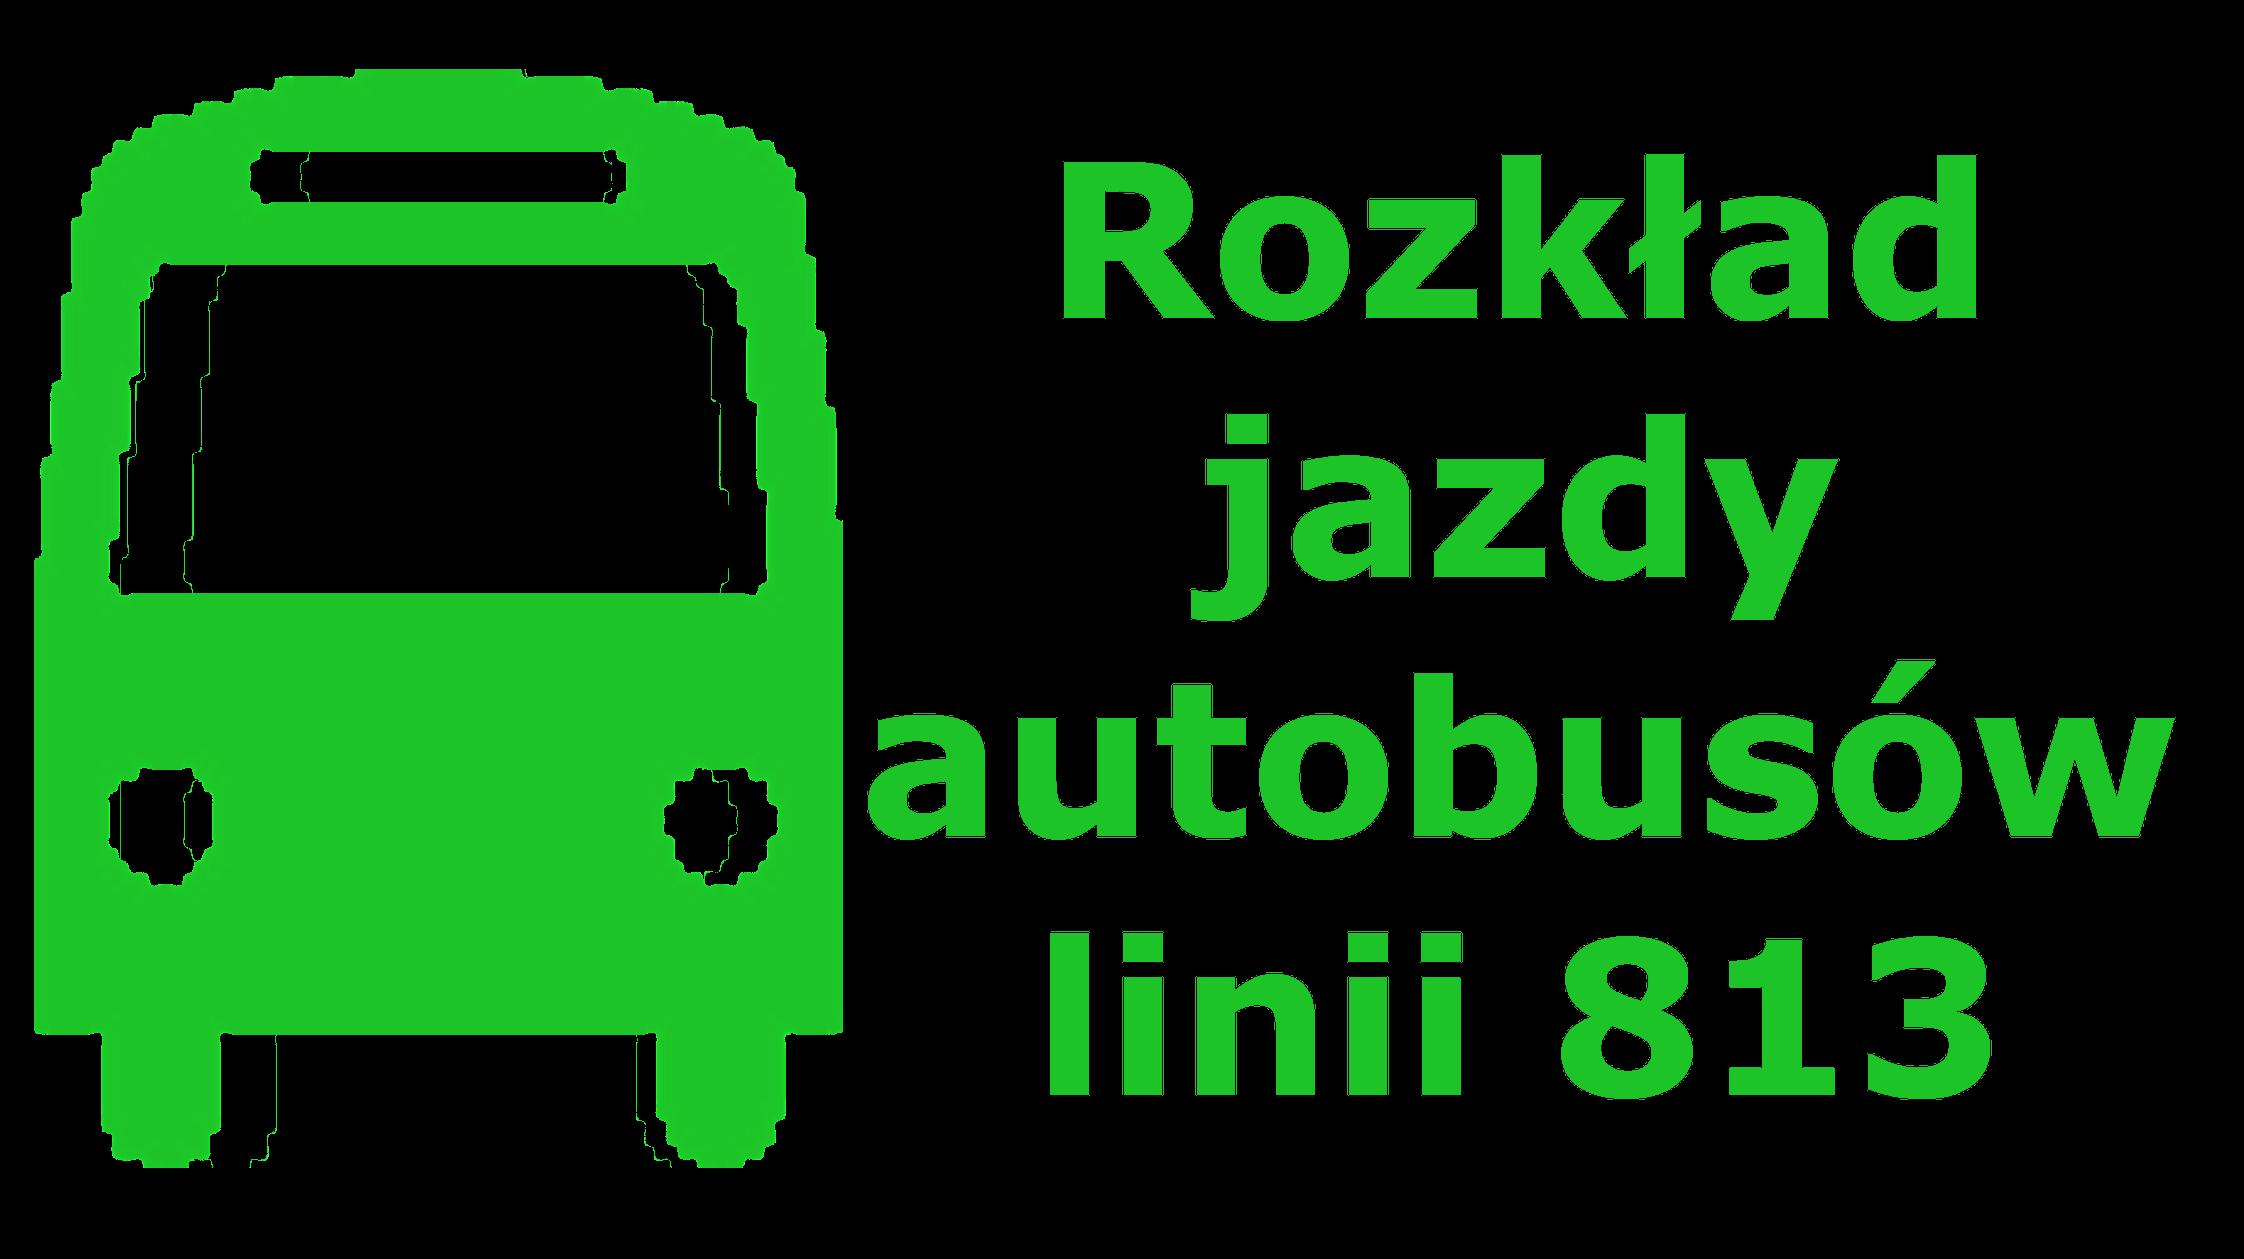 Rozkład autobusów 813